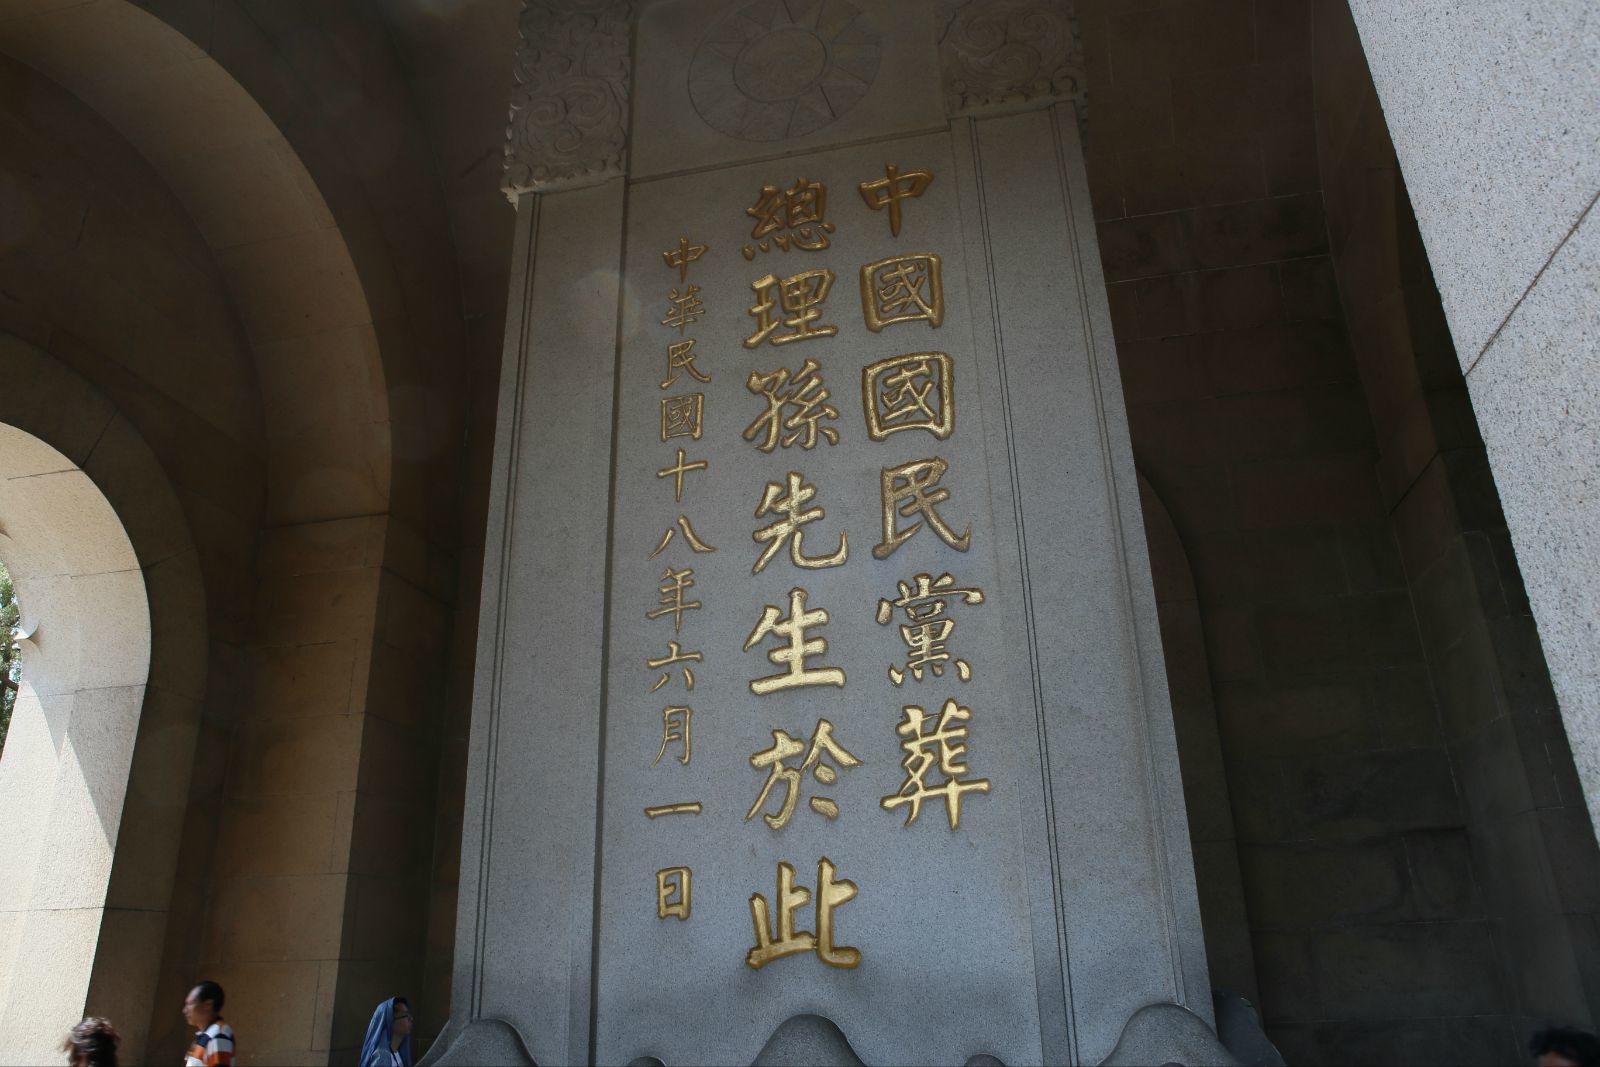 南京中山陵光华亭手绘